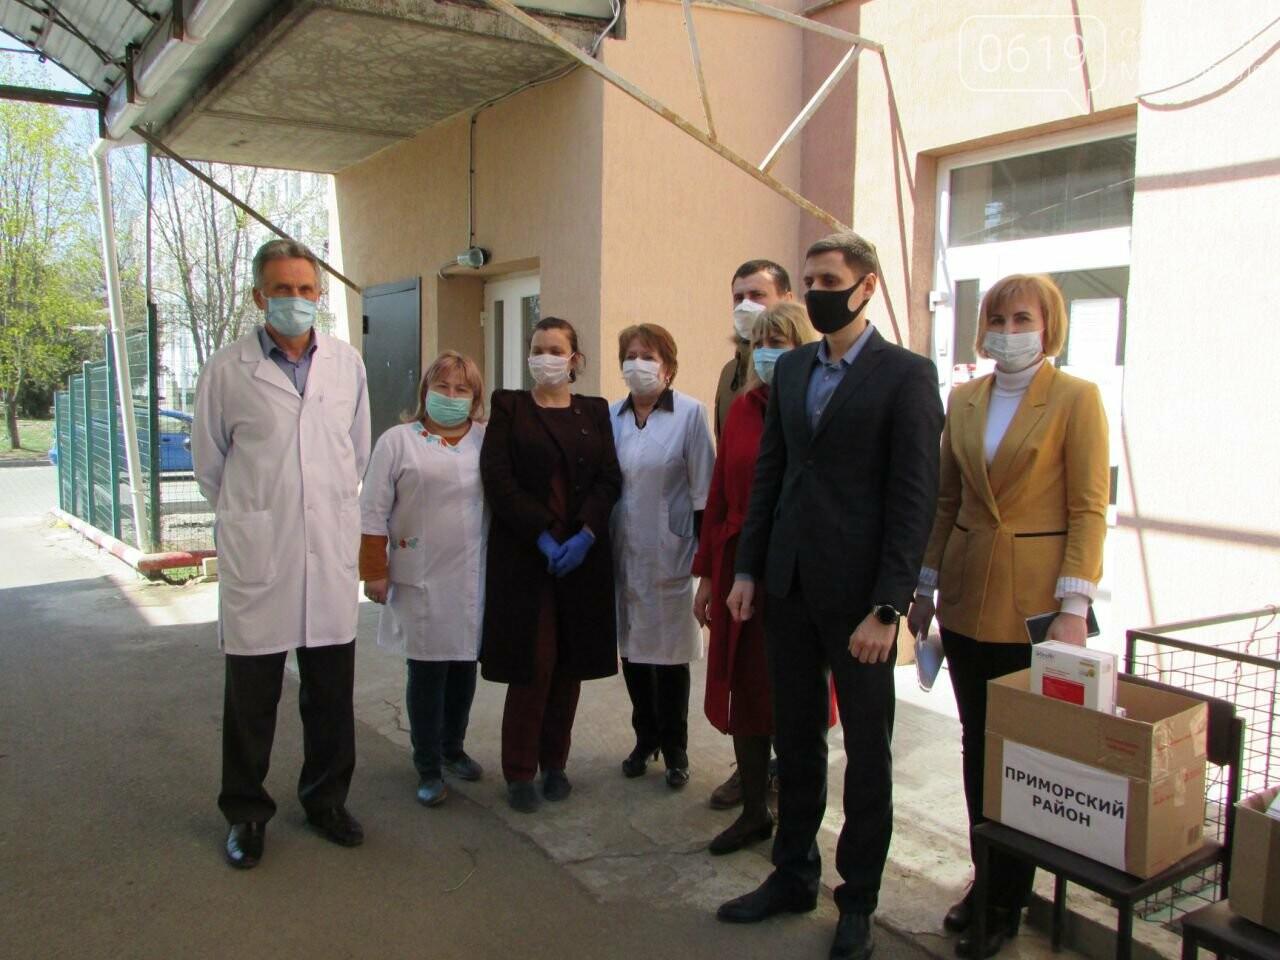 В Мелитополь передадут экспресс-тесты для выявления коронавируса от ДТЭК ВИЭ и Фонда Рината Ахметова, фото-2